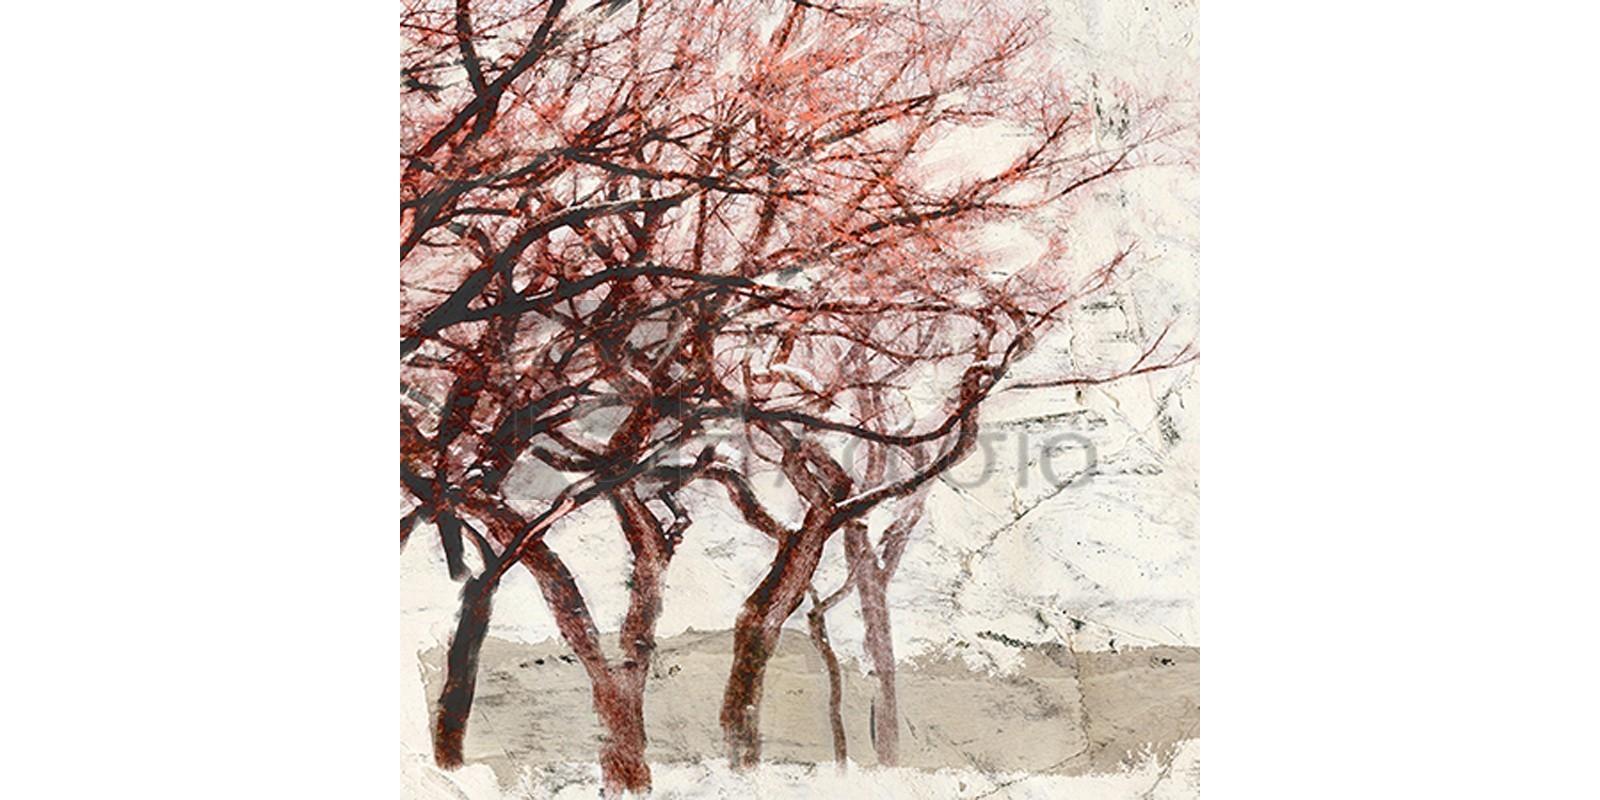 Alessio Aprile - Rusty Trees I